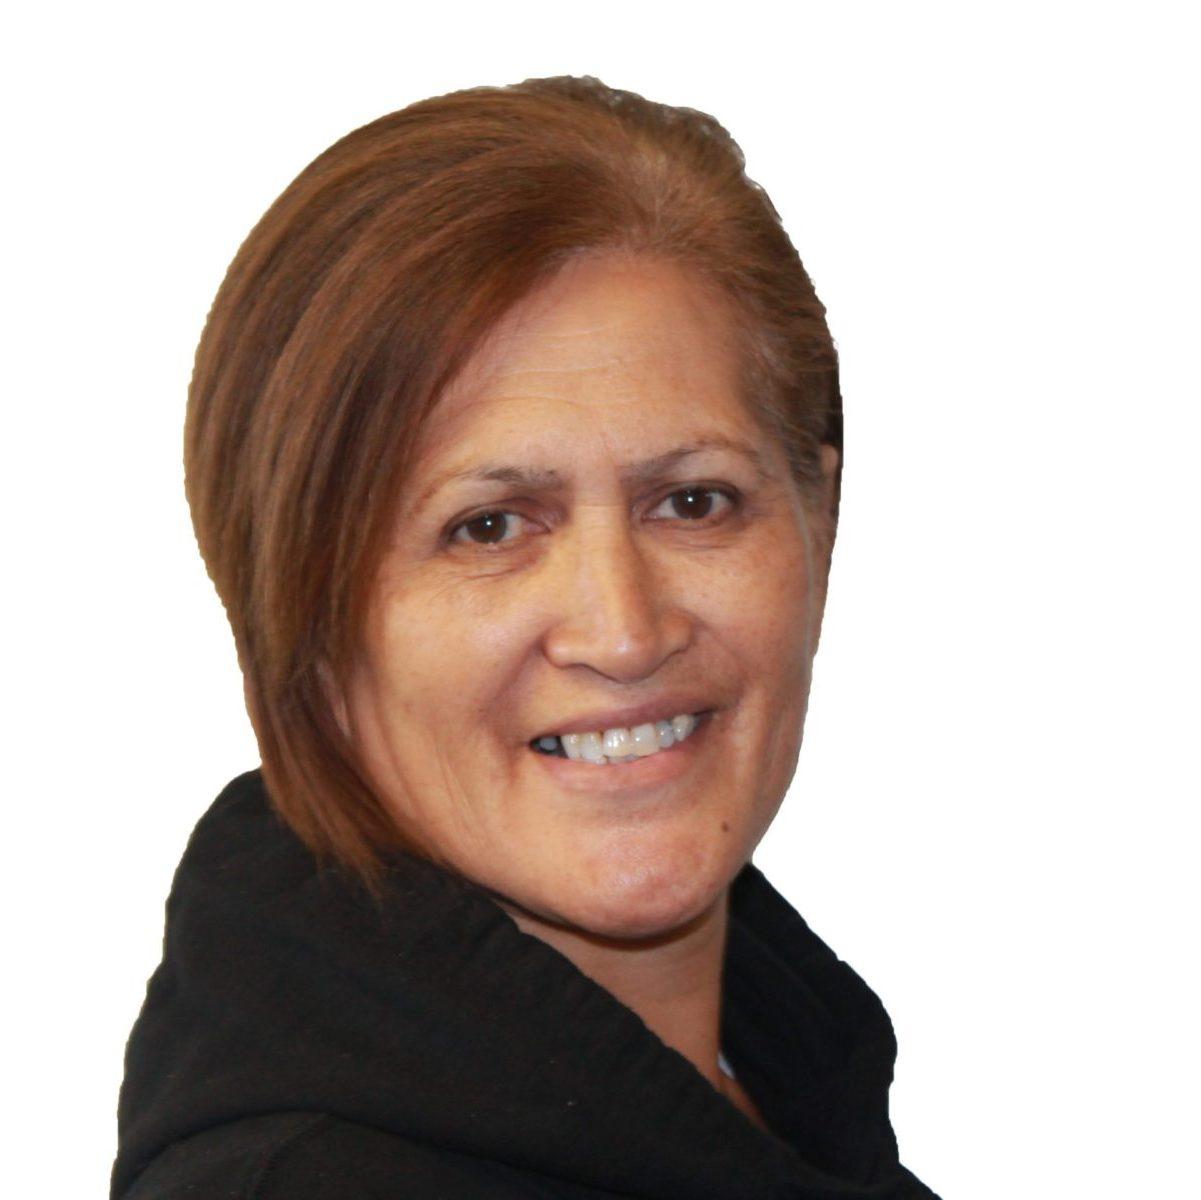 Varani Moerouru